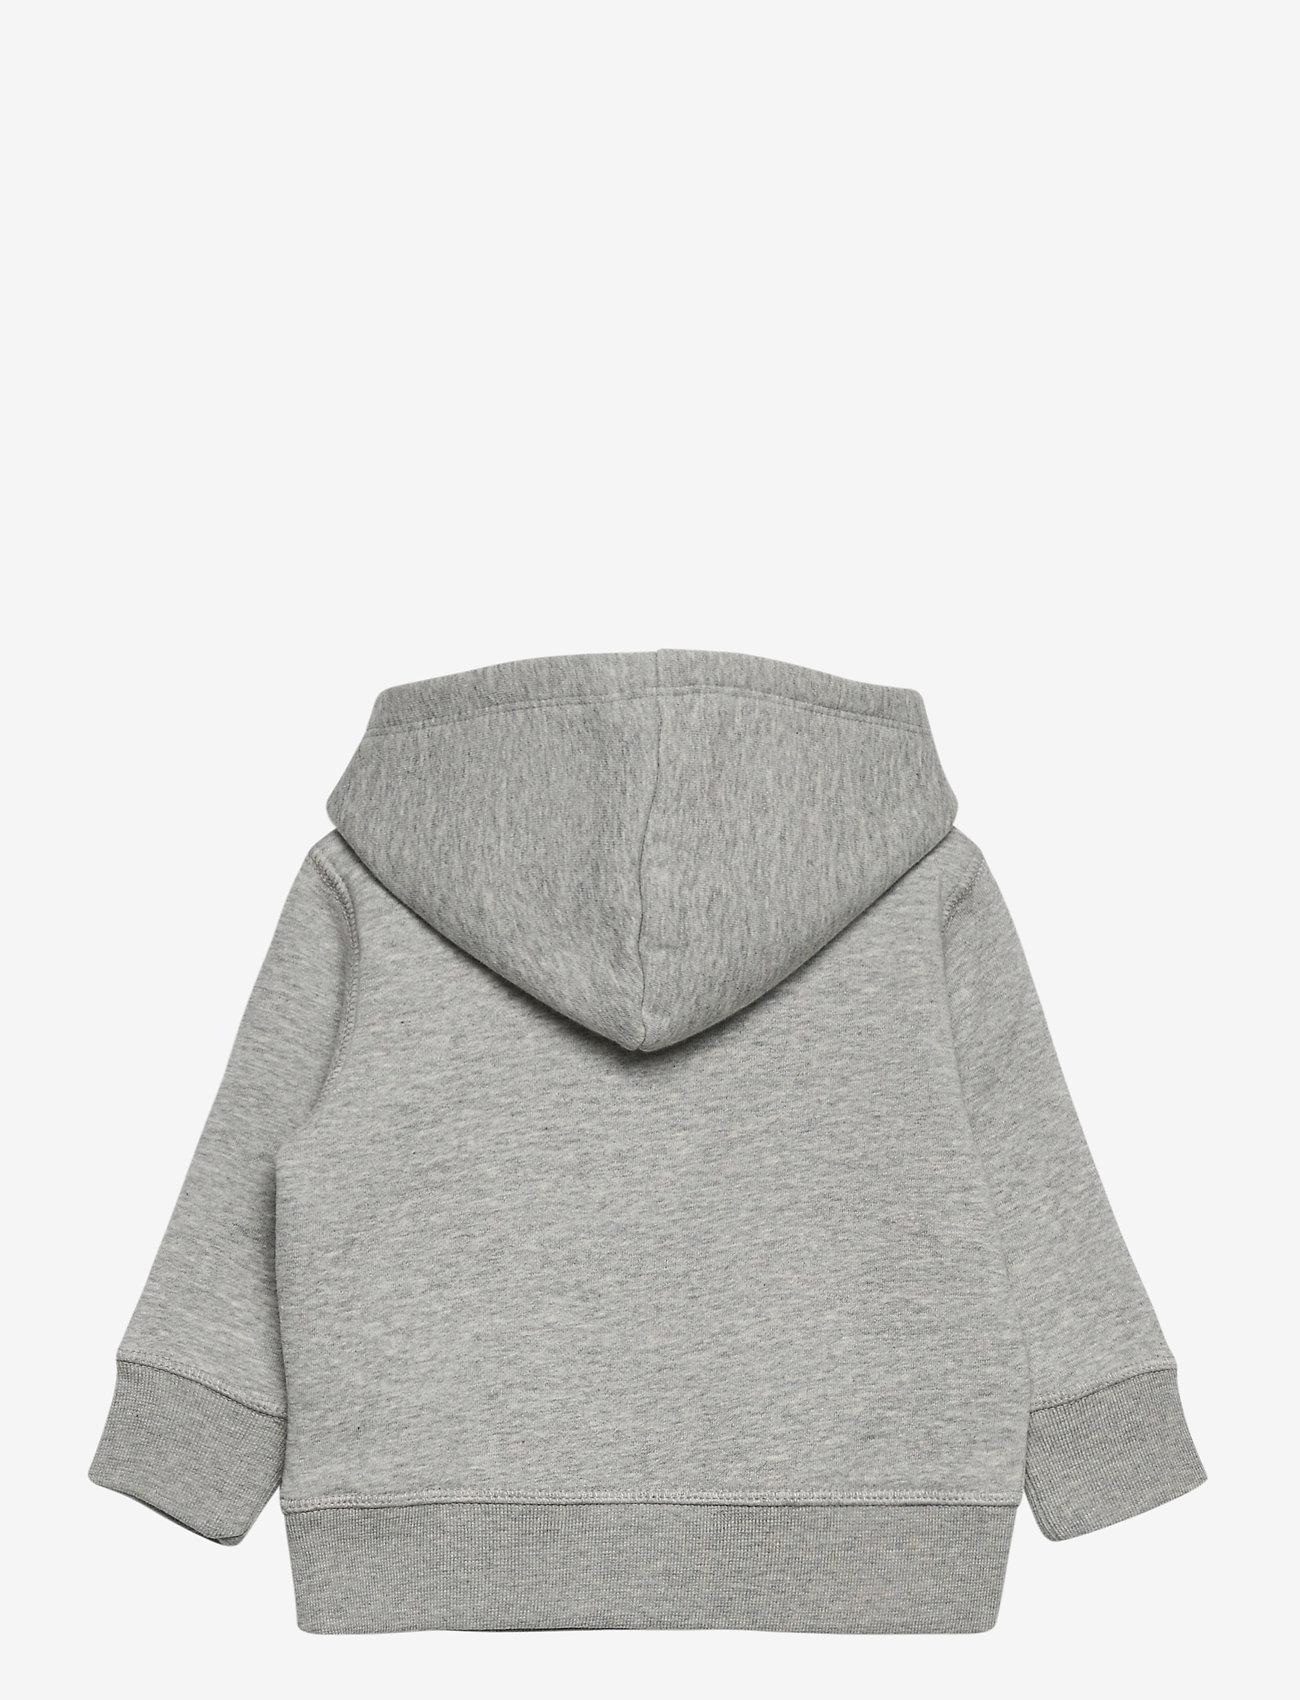 GAP - FR PO LOGO REFRESH - hoodies - light heather grey v6 - 1